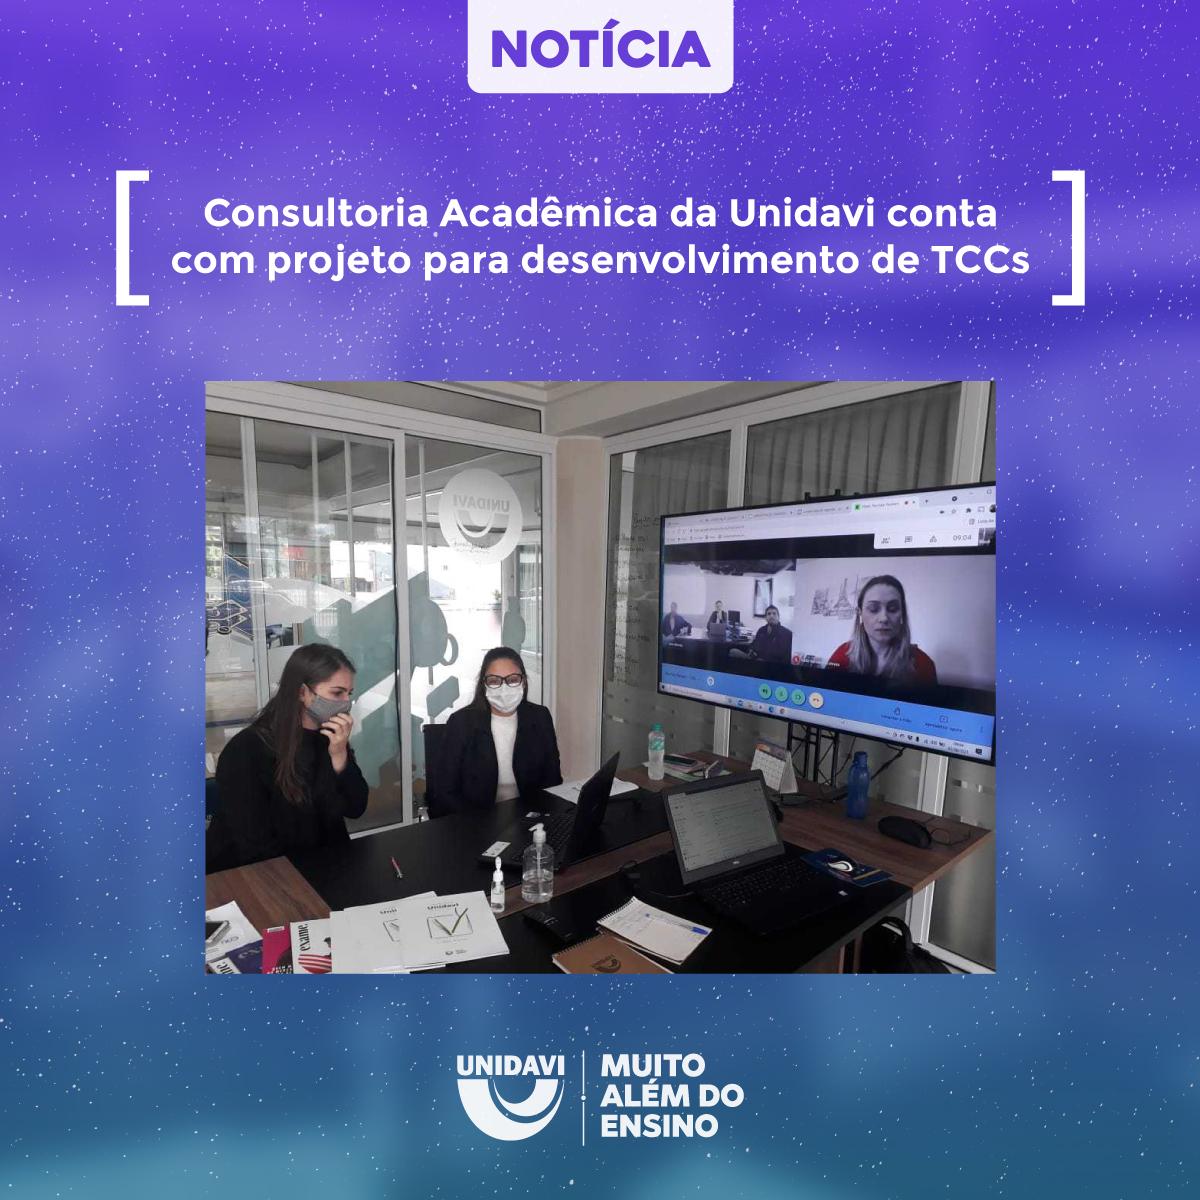 Consultoria Acadêmica da Unidavi conta com projeto para desenvolvimento de TCCs